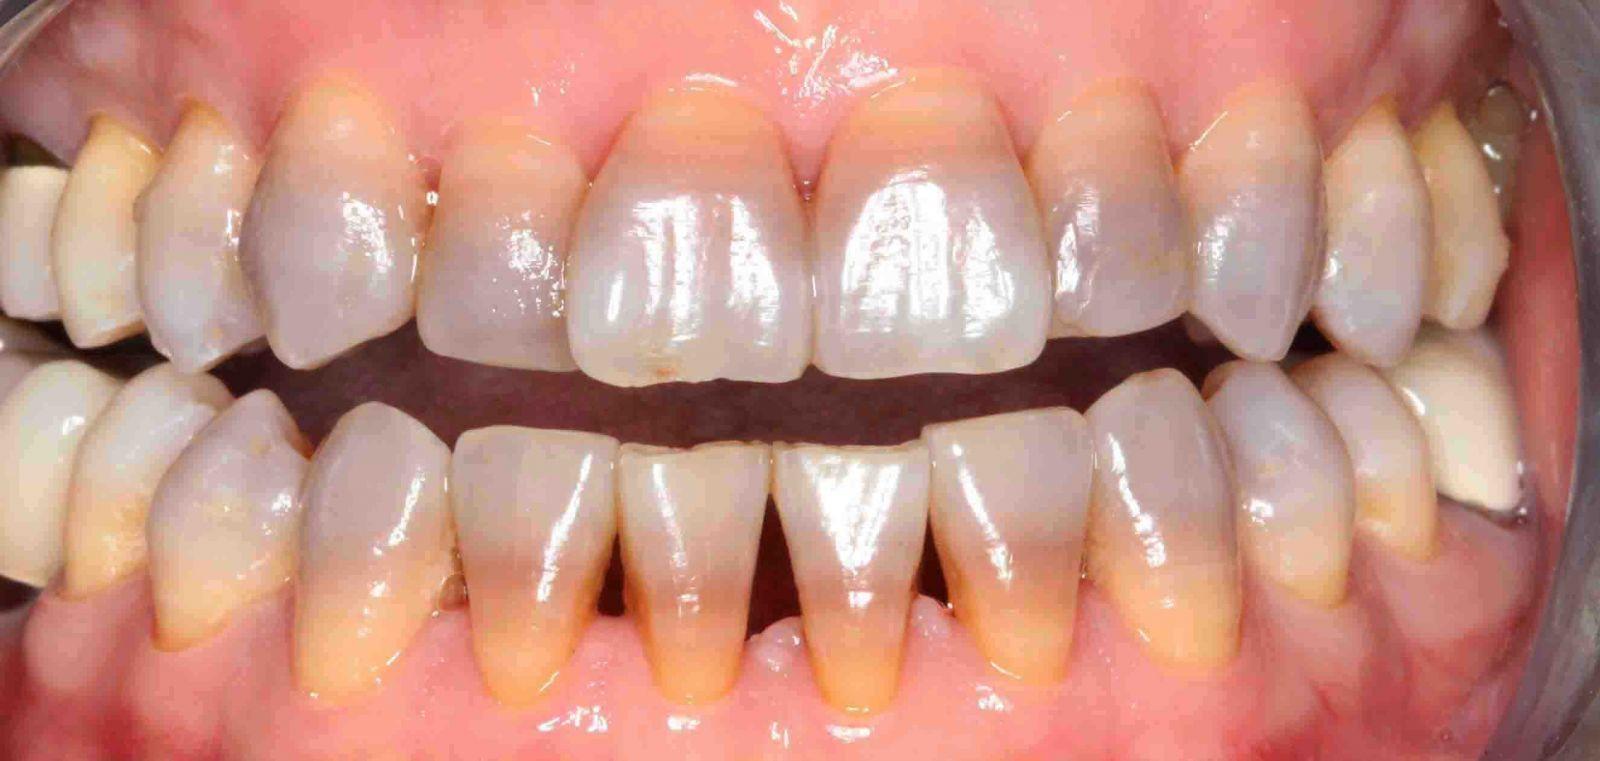 Răng bị nhiễm kháng sinh từ bên trong cấu trúc răng